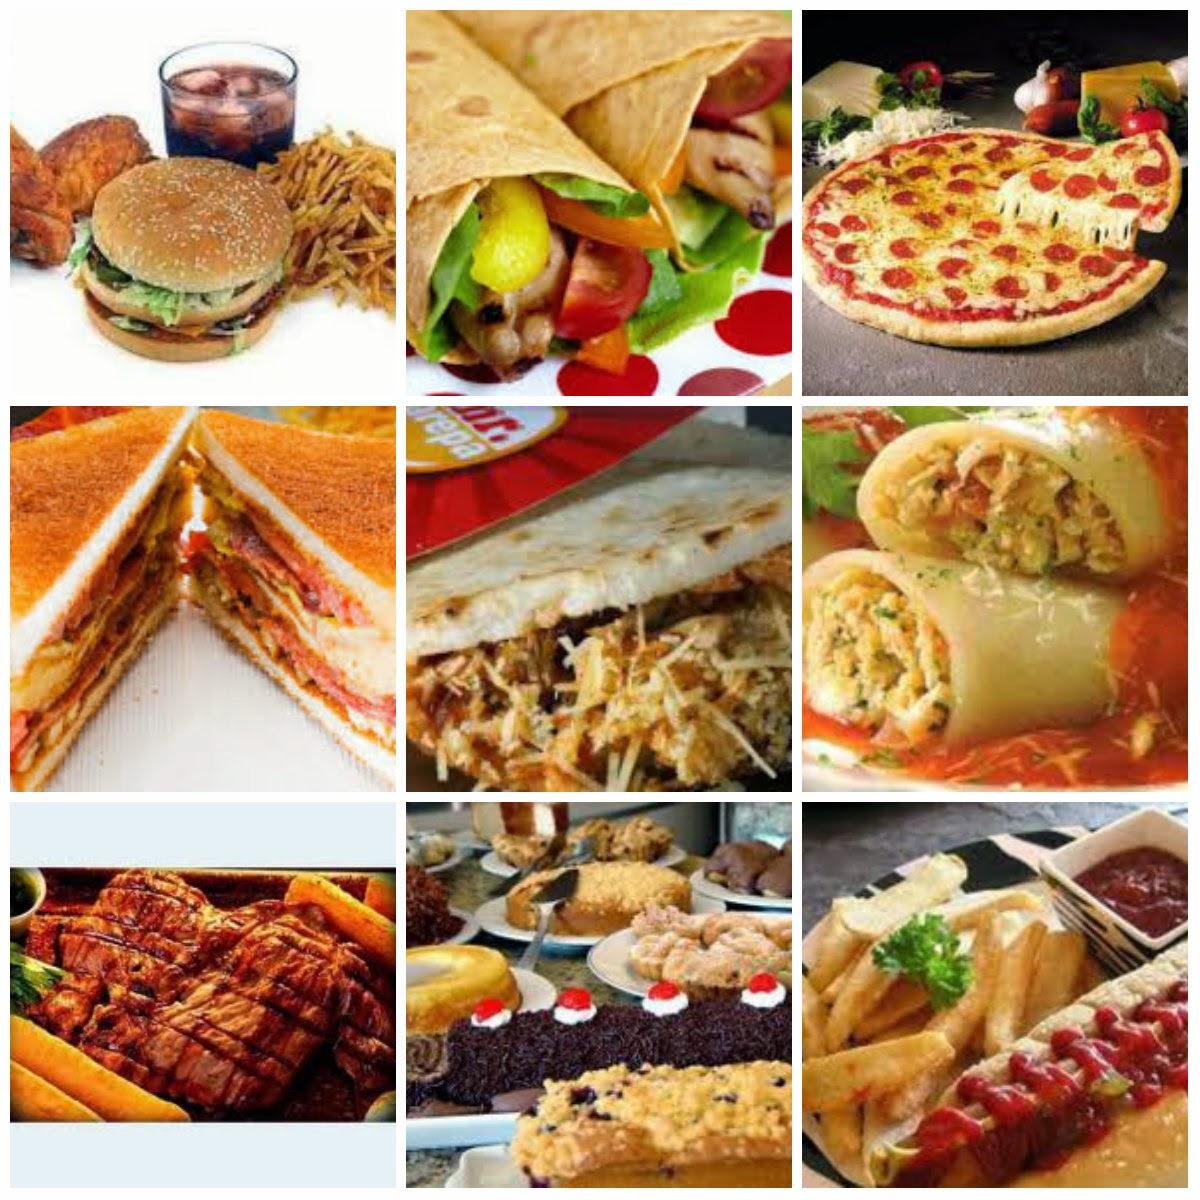 El circulo vicioso de la comida raddar blogs portafolio for Comidas rapidas de preparar